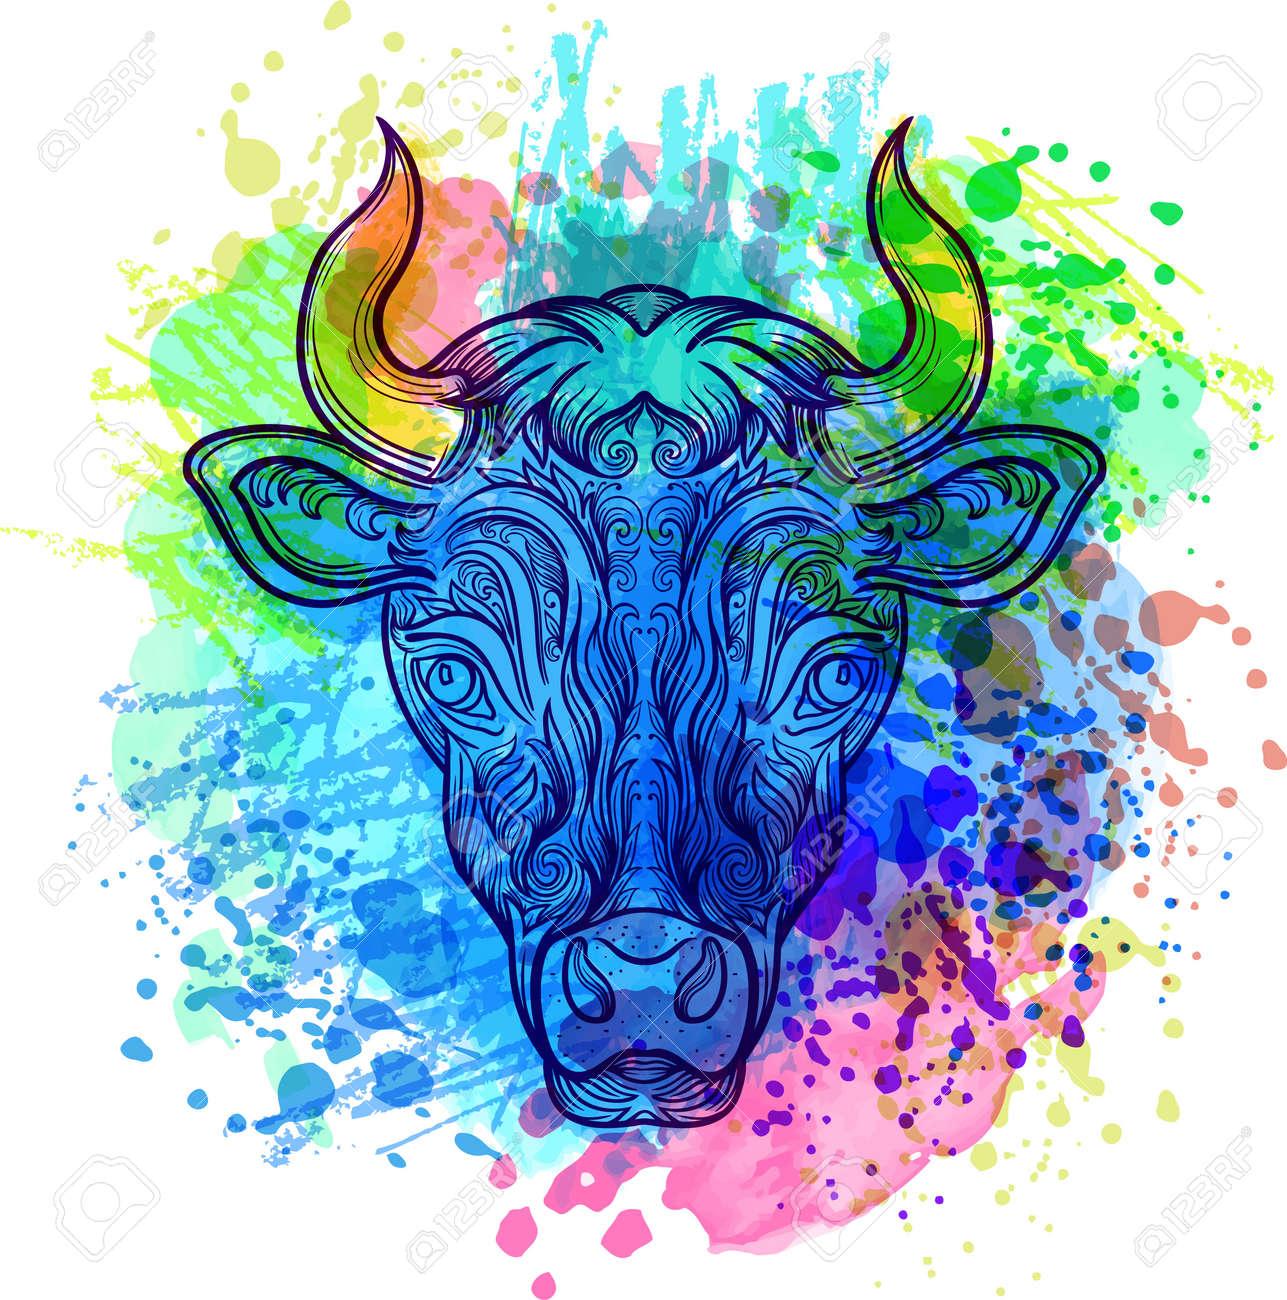 Bool Dibujado A Mano Con El Patrón Doodle Floral étnico Dibujo Para Colorear Zendala Diseño De última Moda Del Tatuaje Camiseta De Impresión